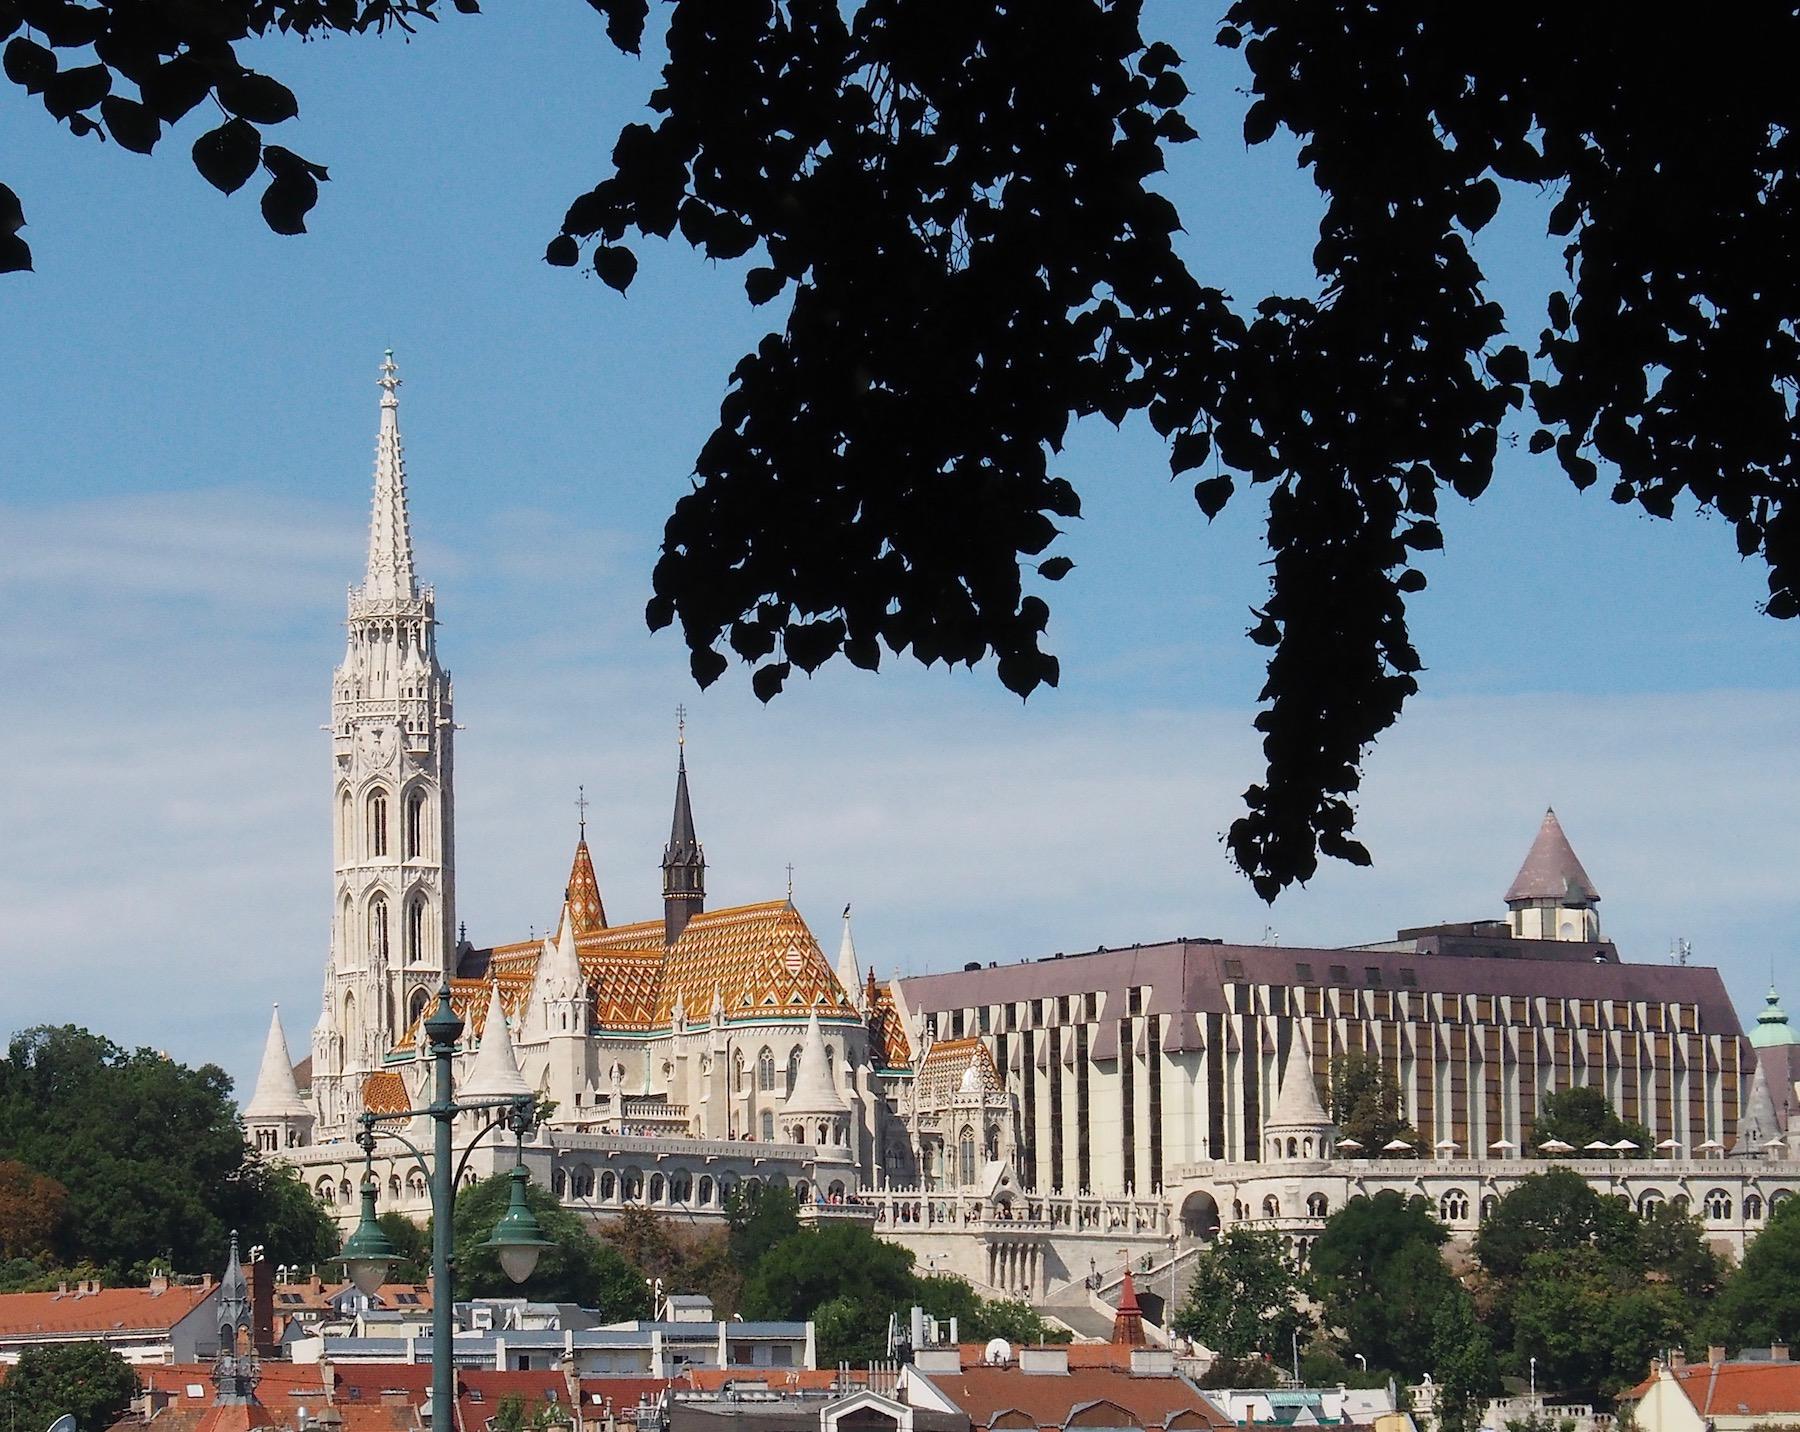 Visite de Budapest en famille, itinéraire sur 5 jours - Promenade le long du Danube - Buda vue de Pest - Bastion des Pêcheurs